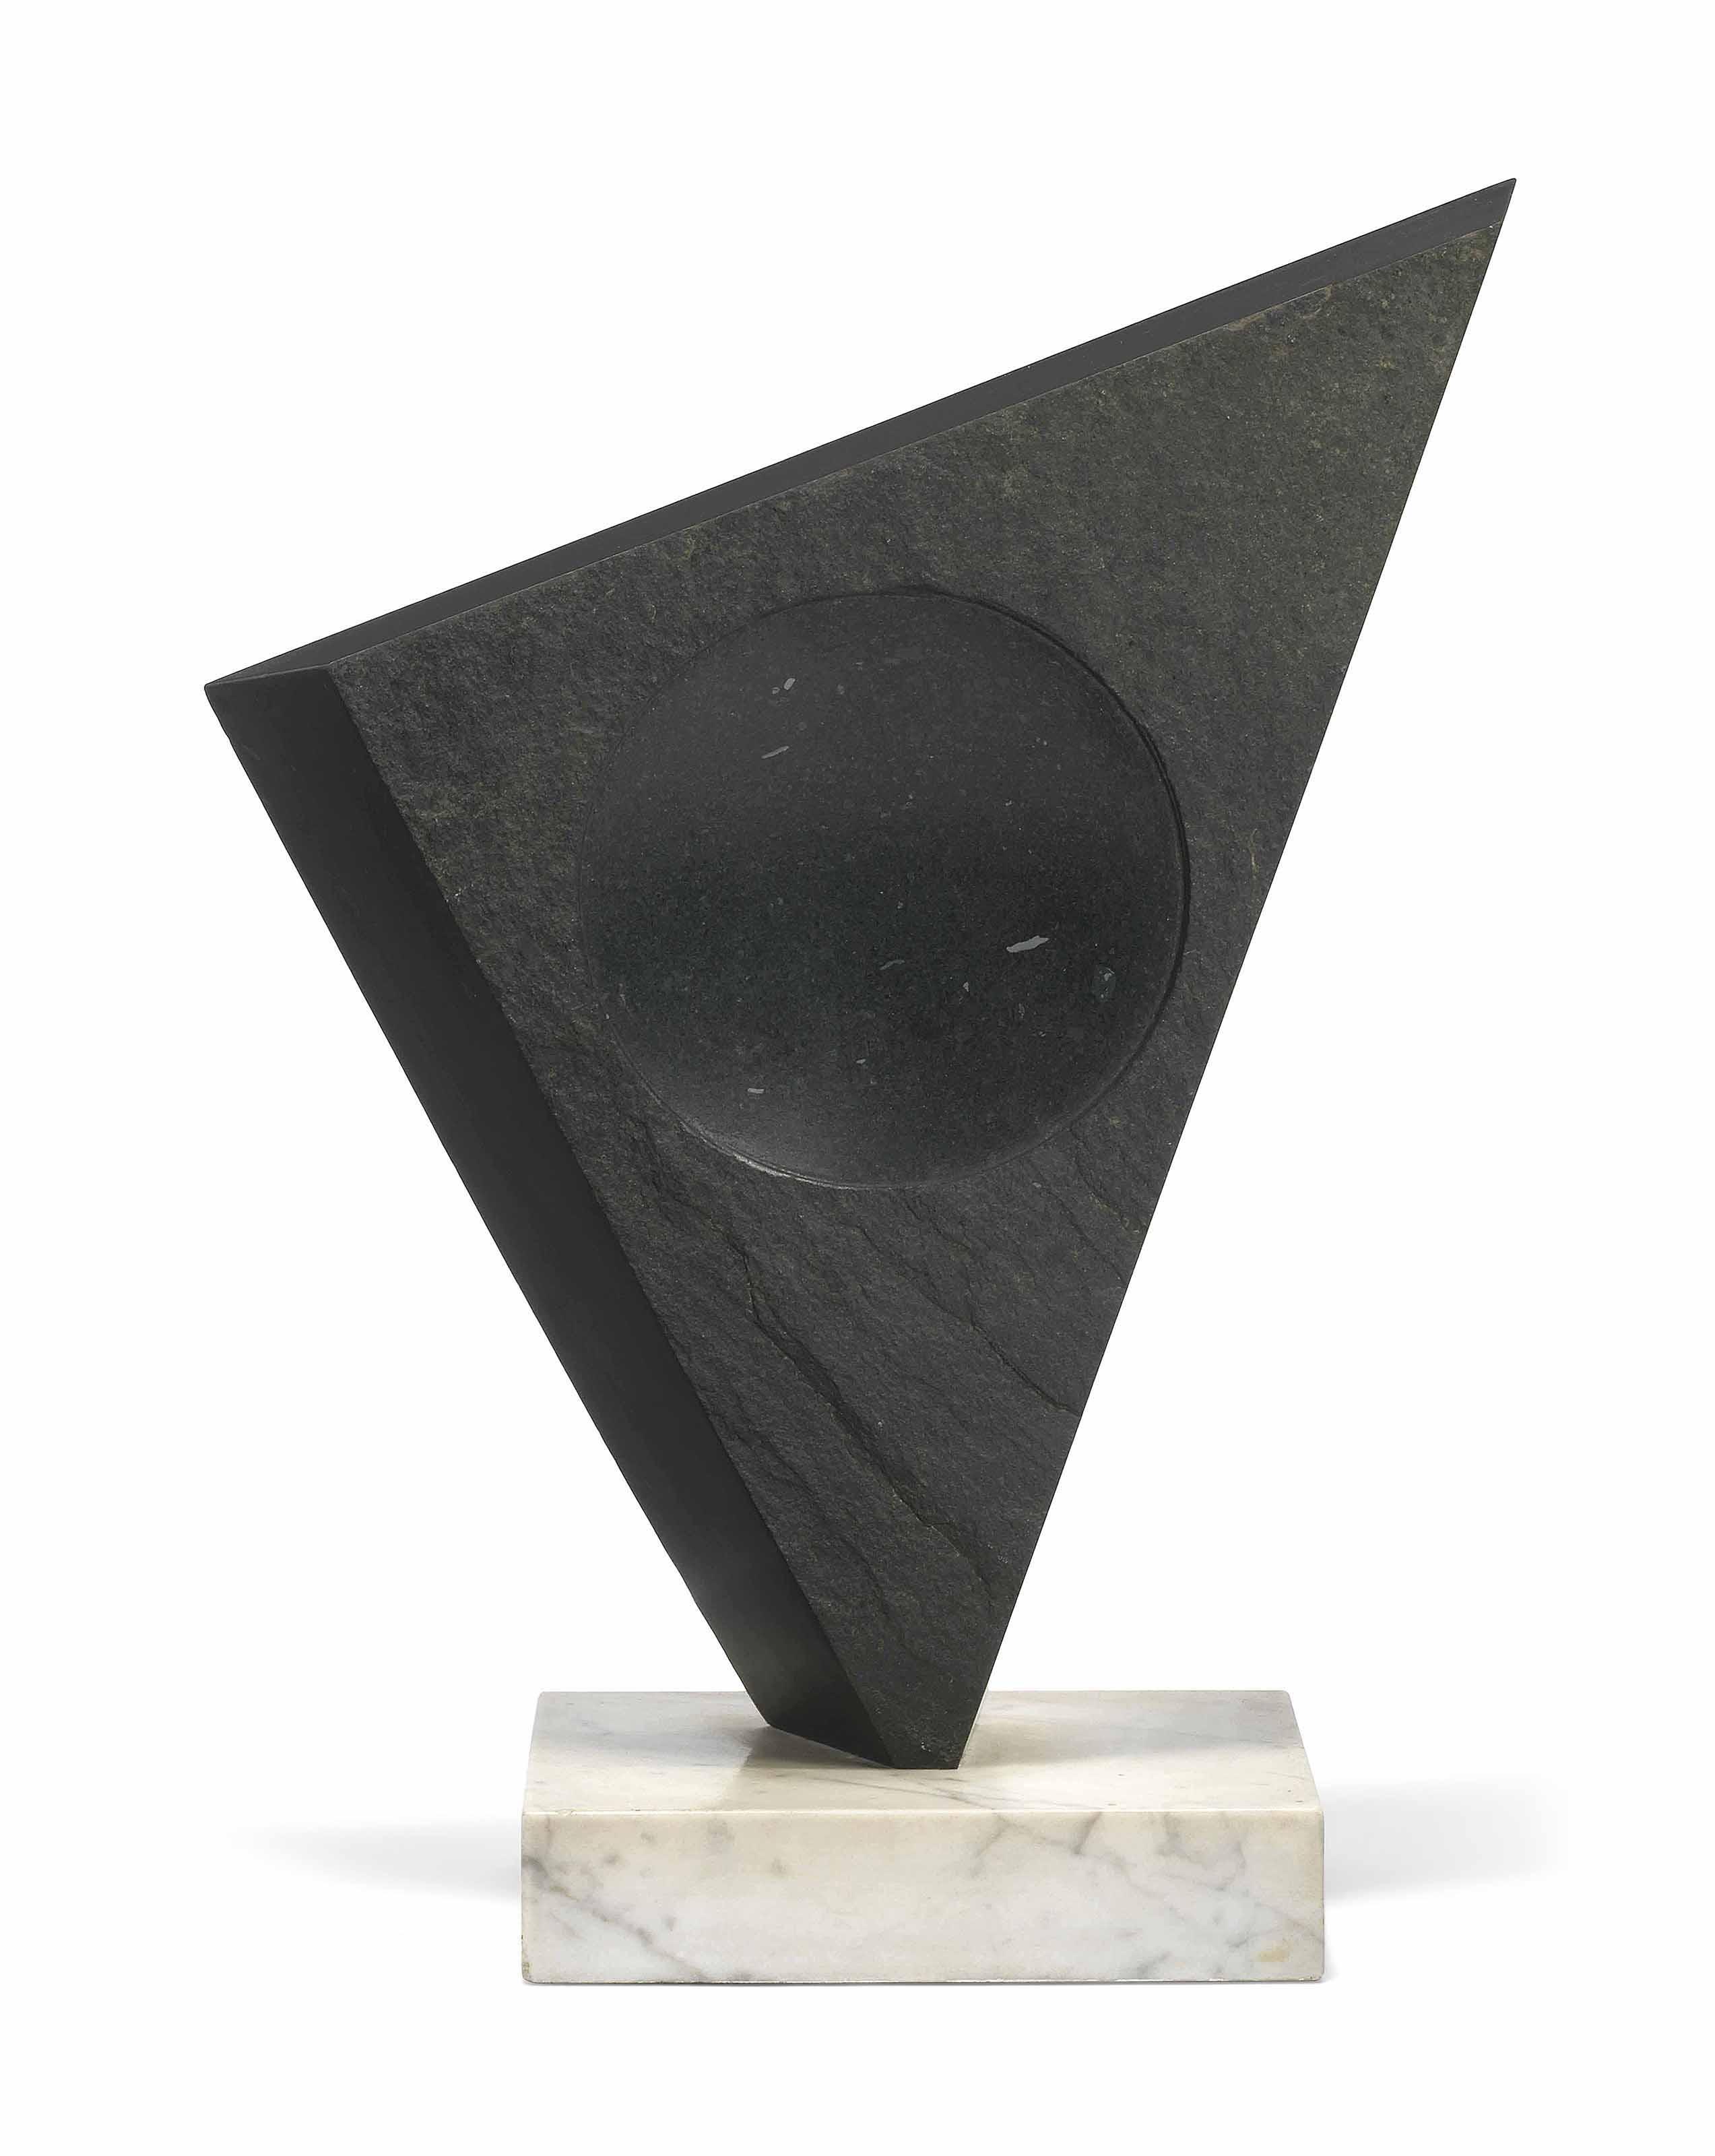 DENIS MITCHELL (1912-1993)